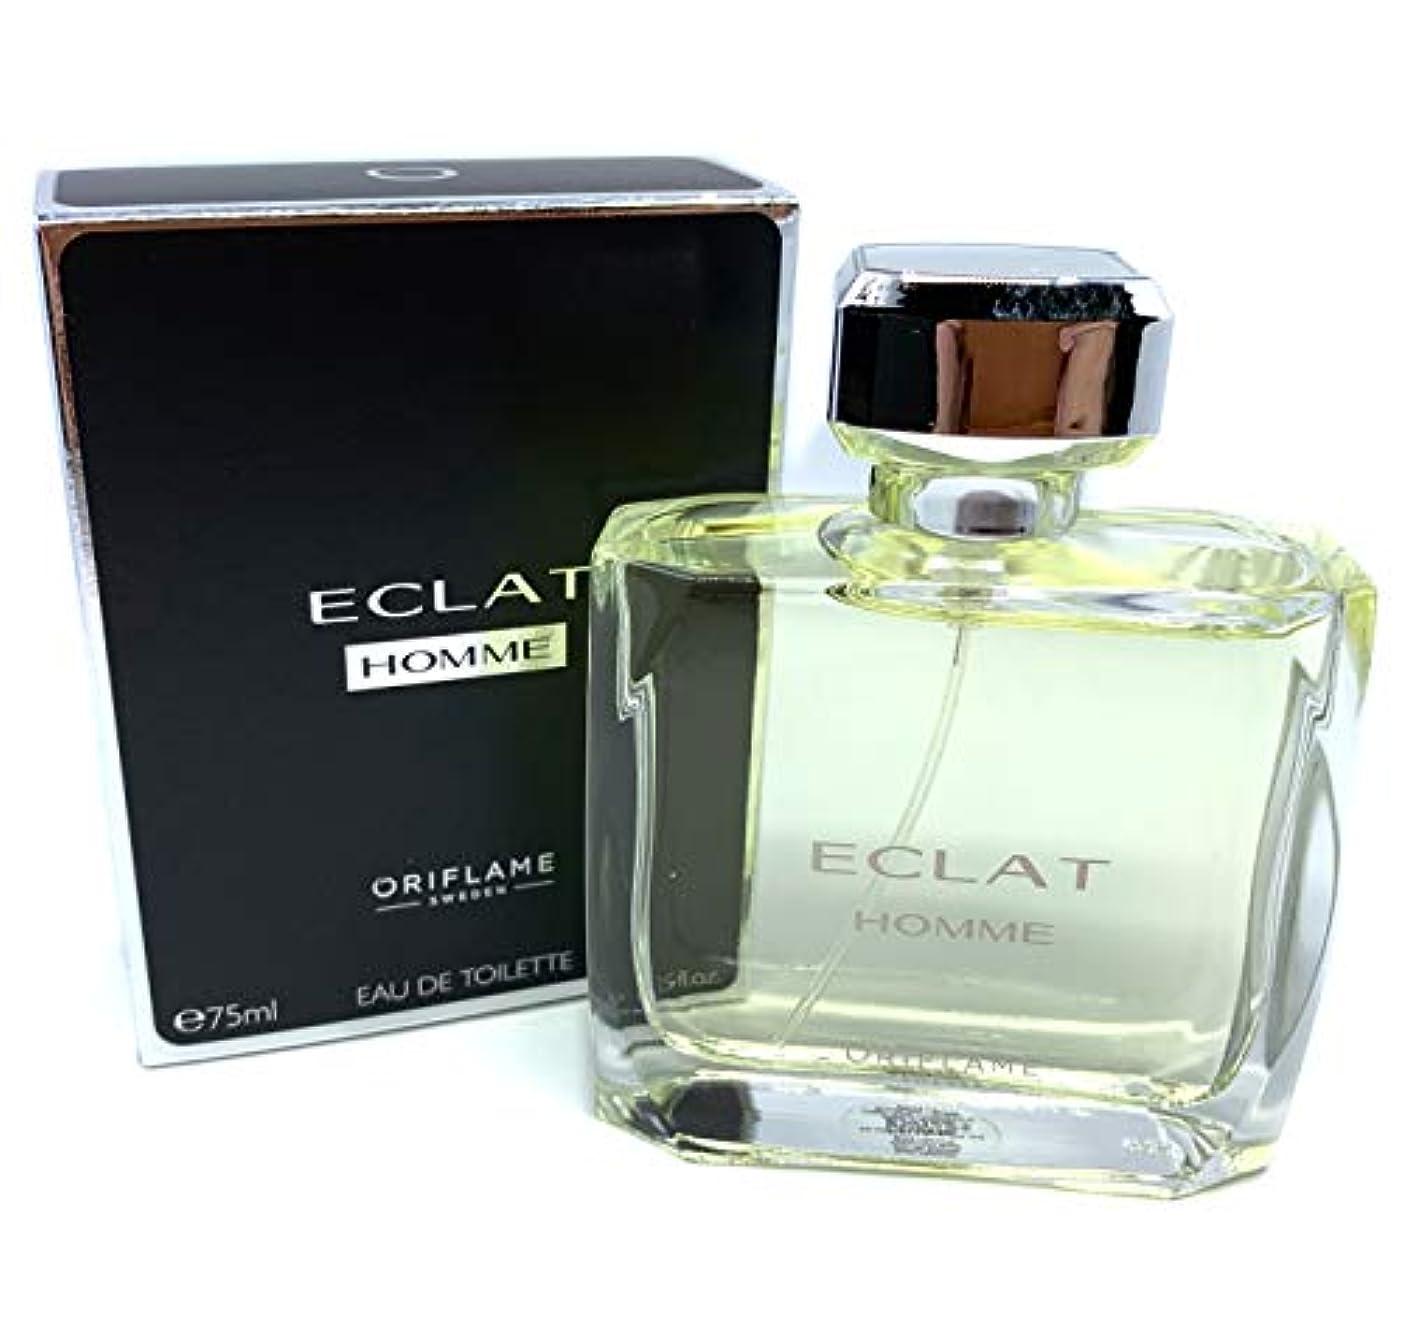 北米強制ダウンタウンORIFLAME Eclat Homme Eau De Toilette Natural Spray For Him 75ml - 2.5oz